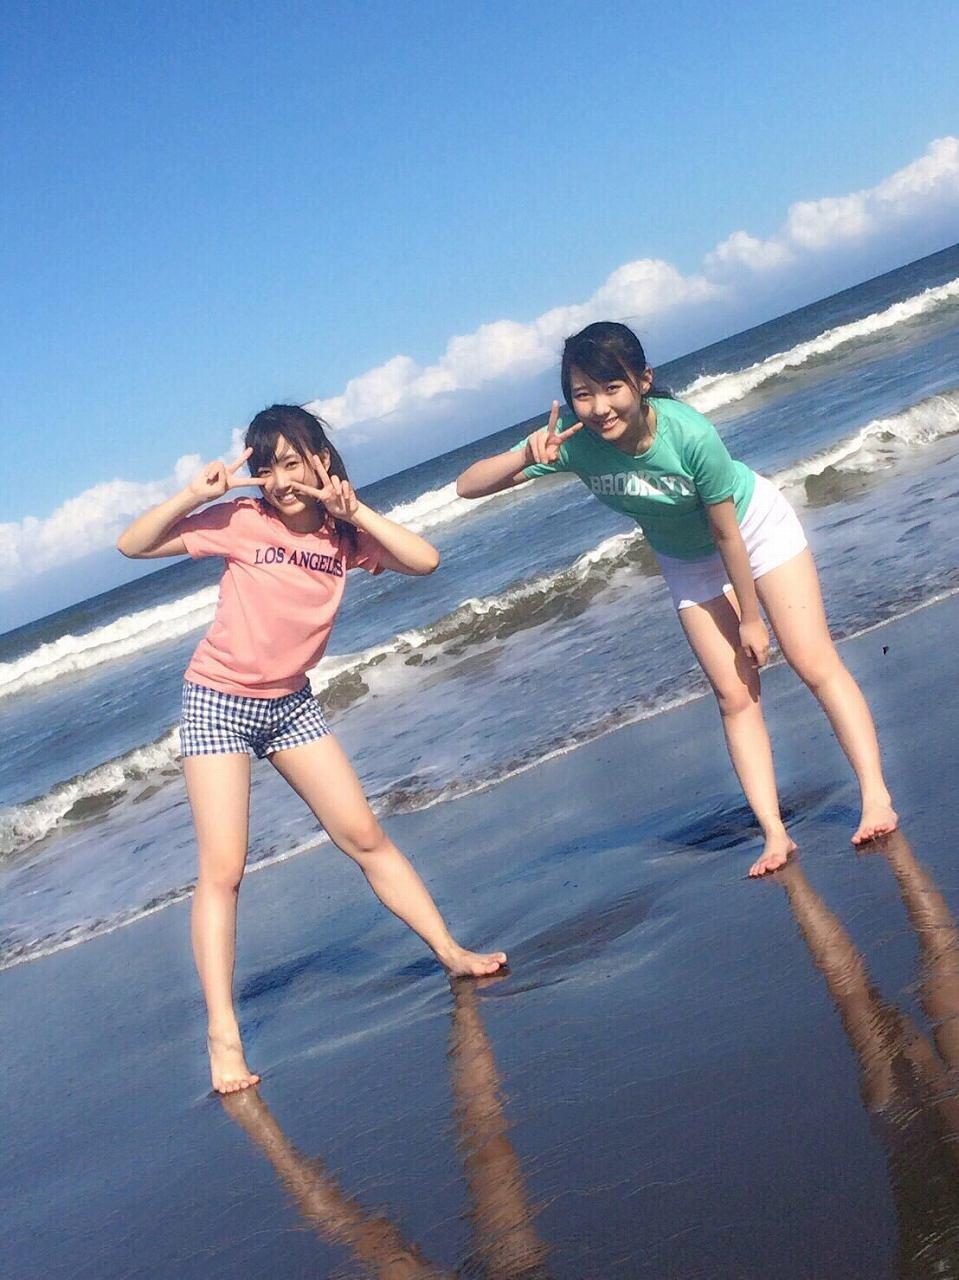 ビーチでショートパンツを履いたHKT48の矢吹奈子と田中美久